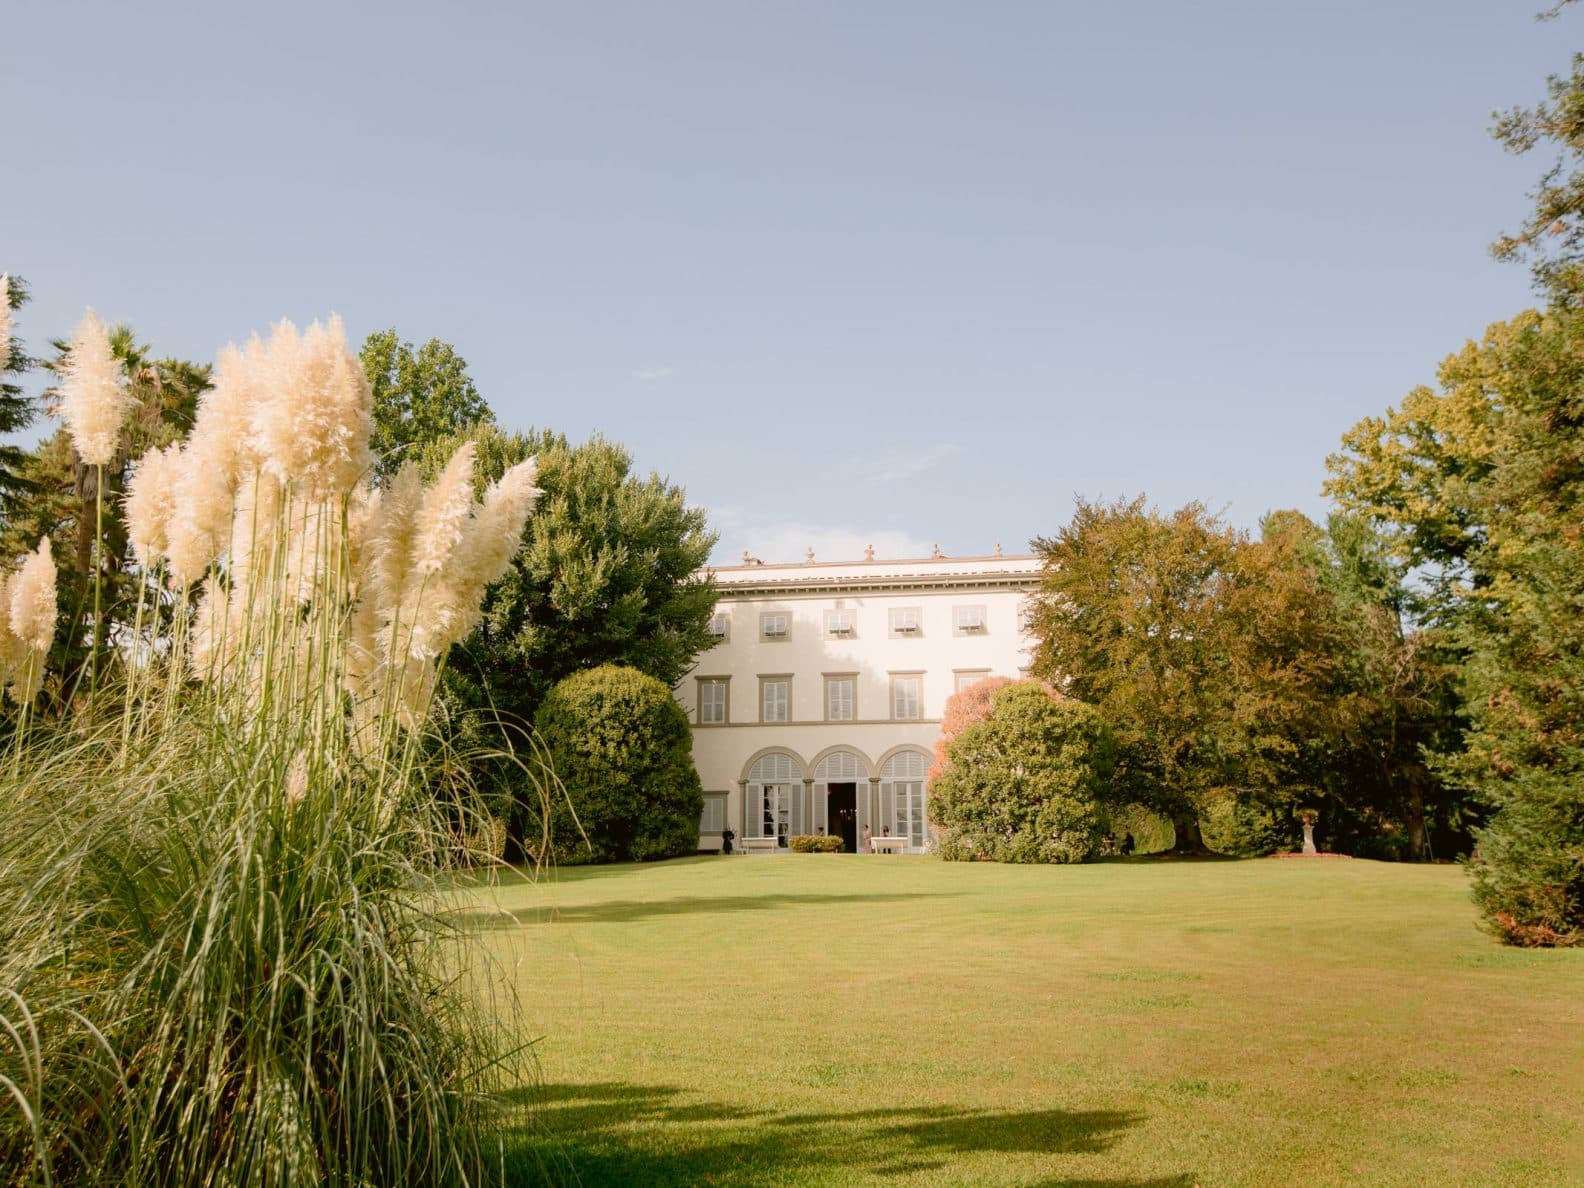 Villa Grabau in Lucca